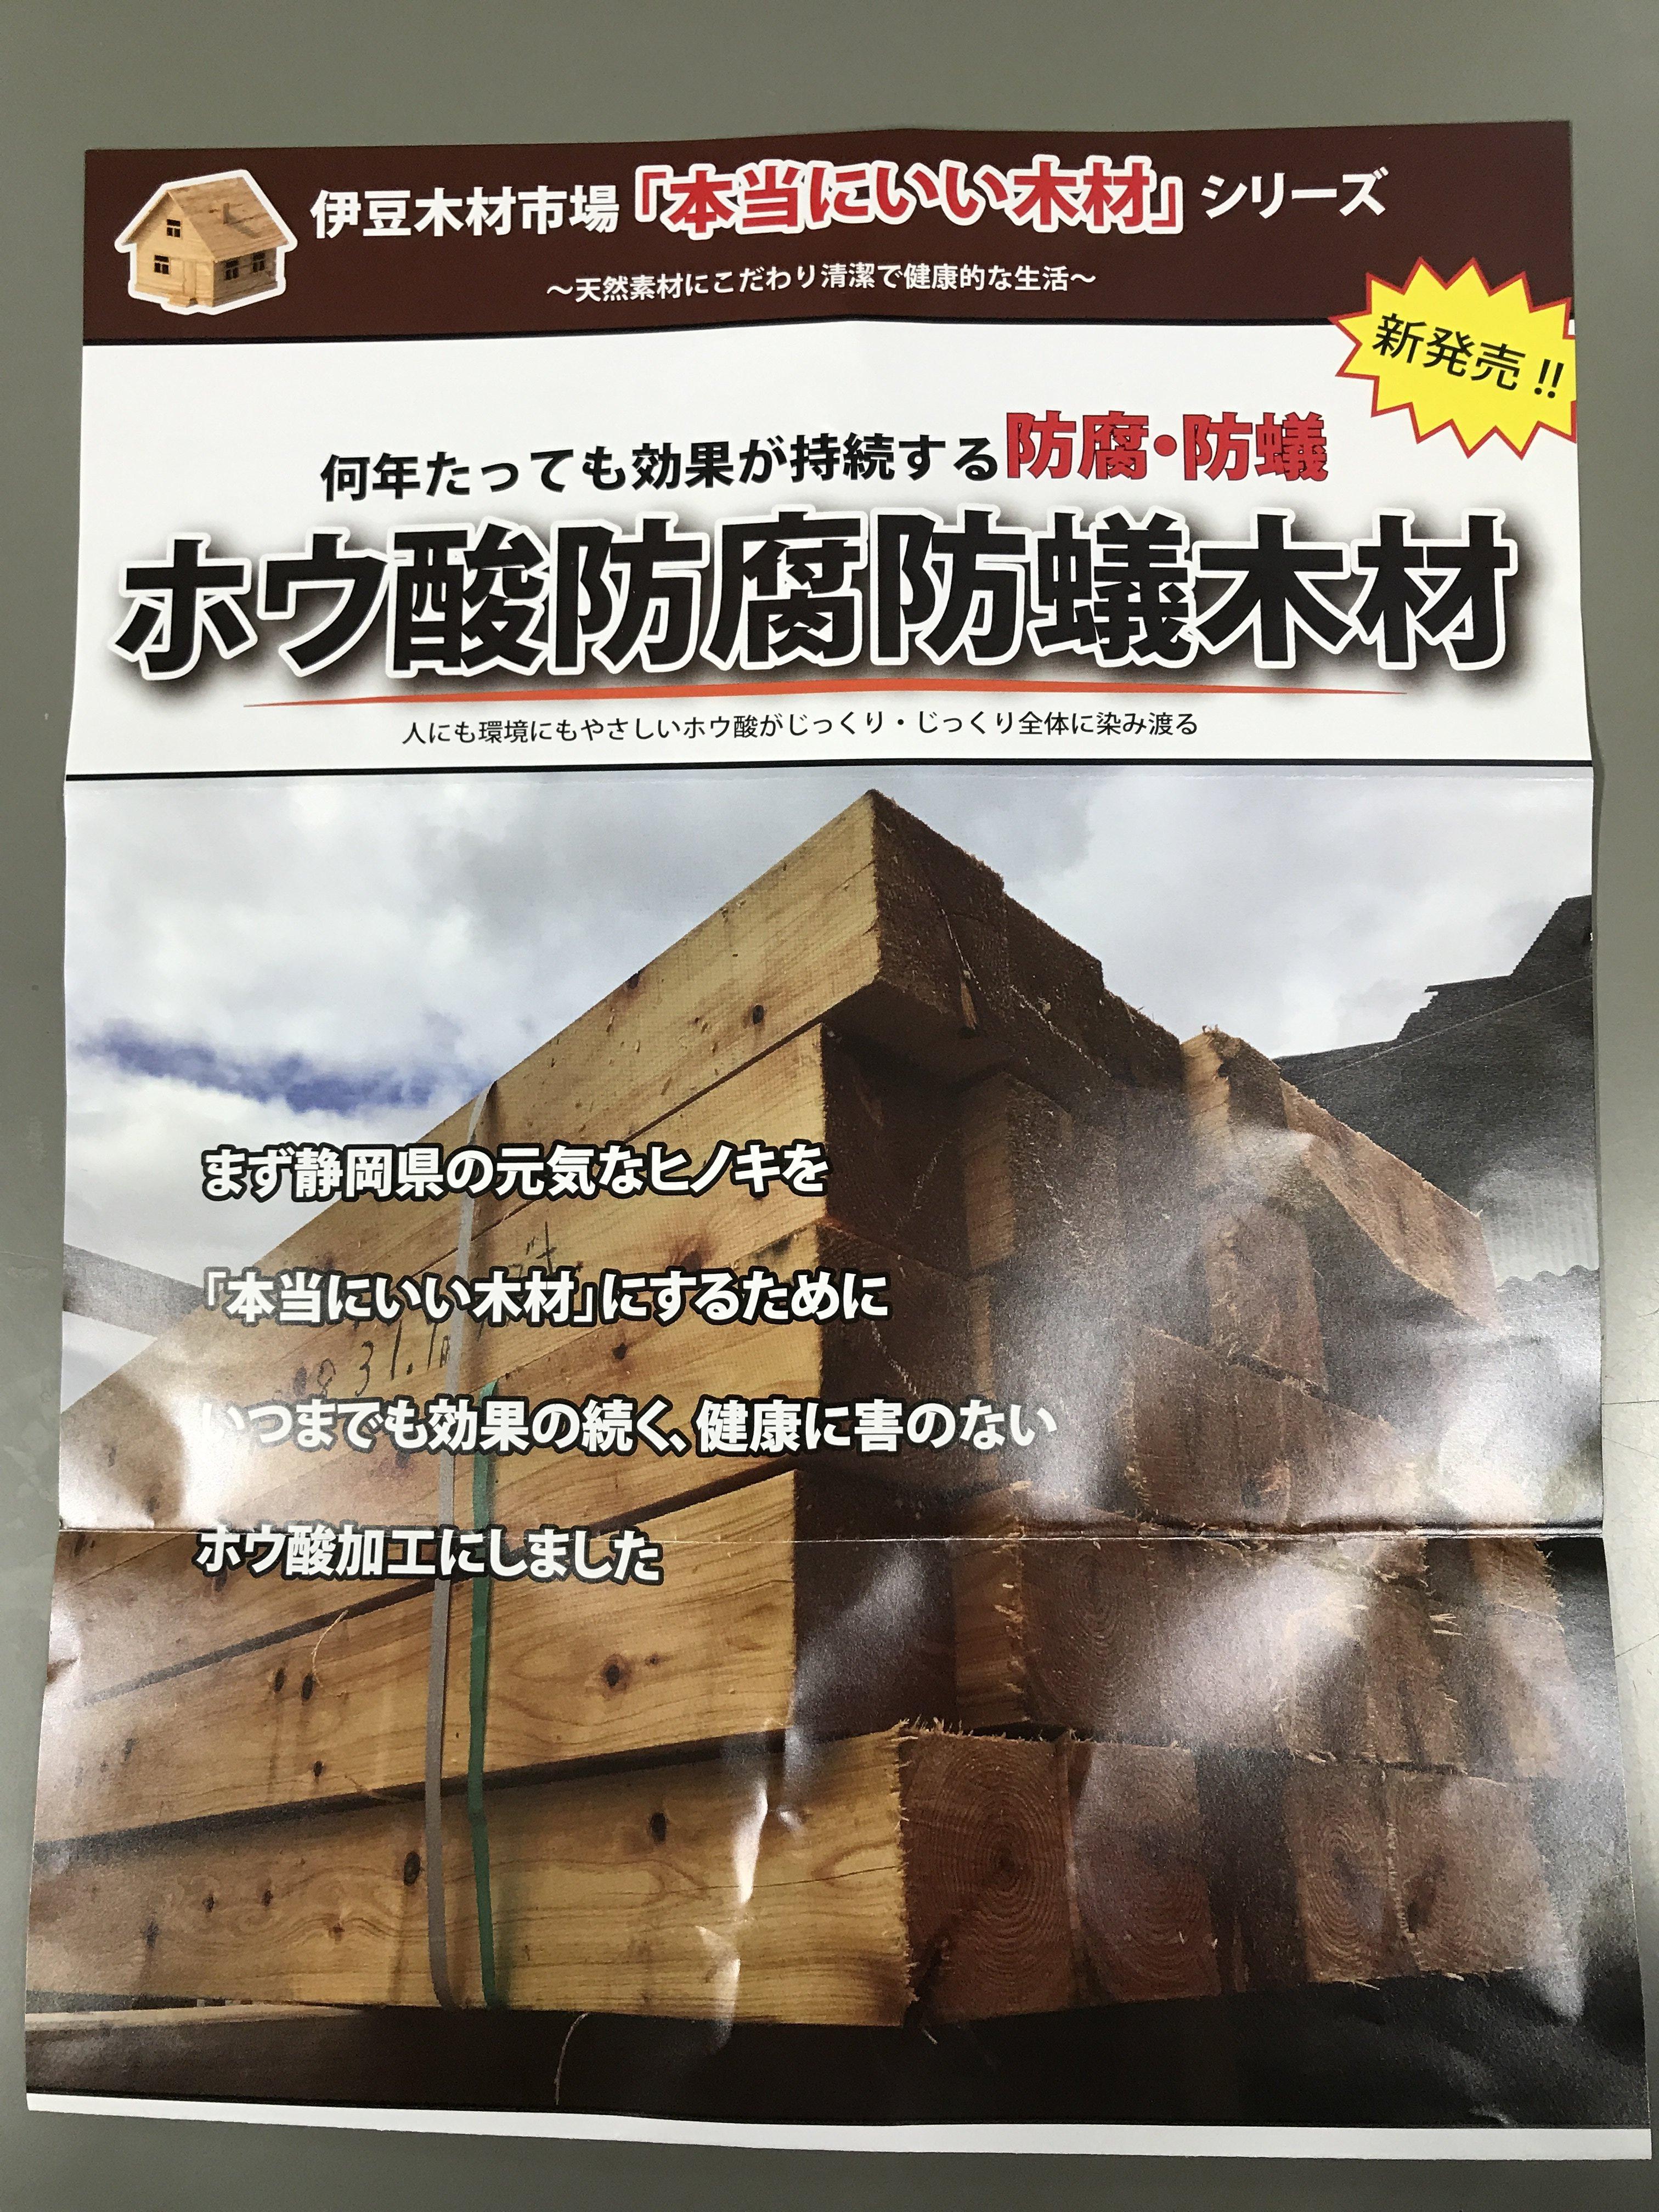 http://www.masakoumuten.com/info/IMG_4705.jpg